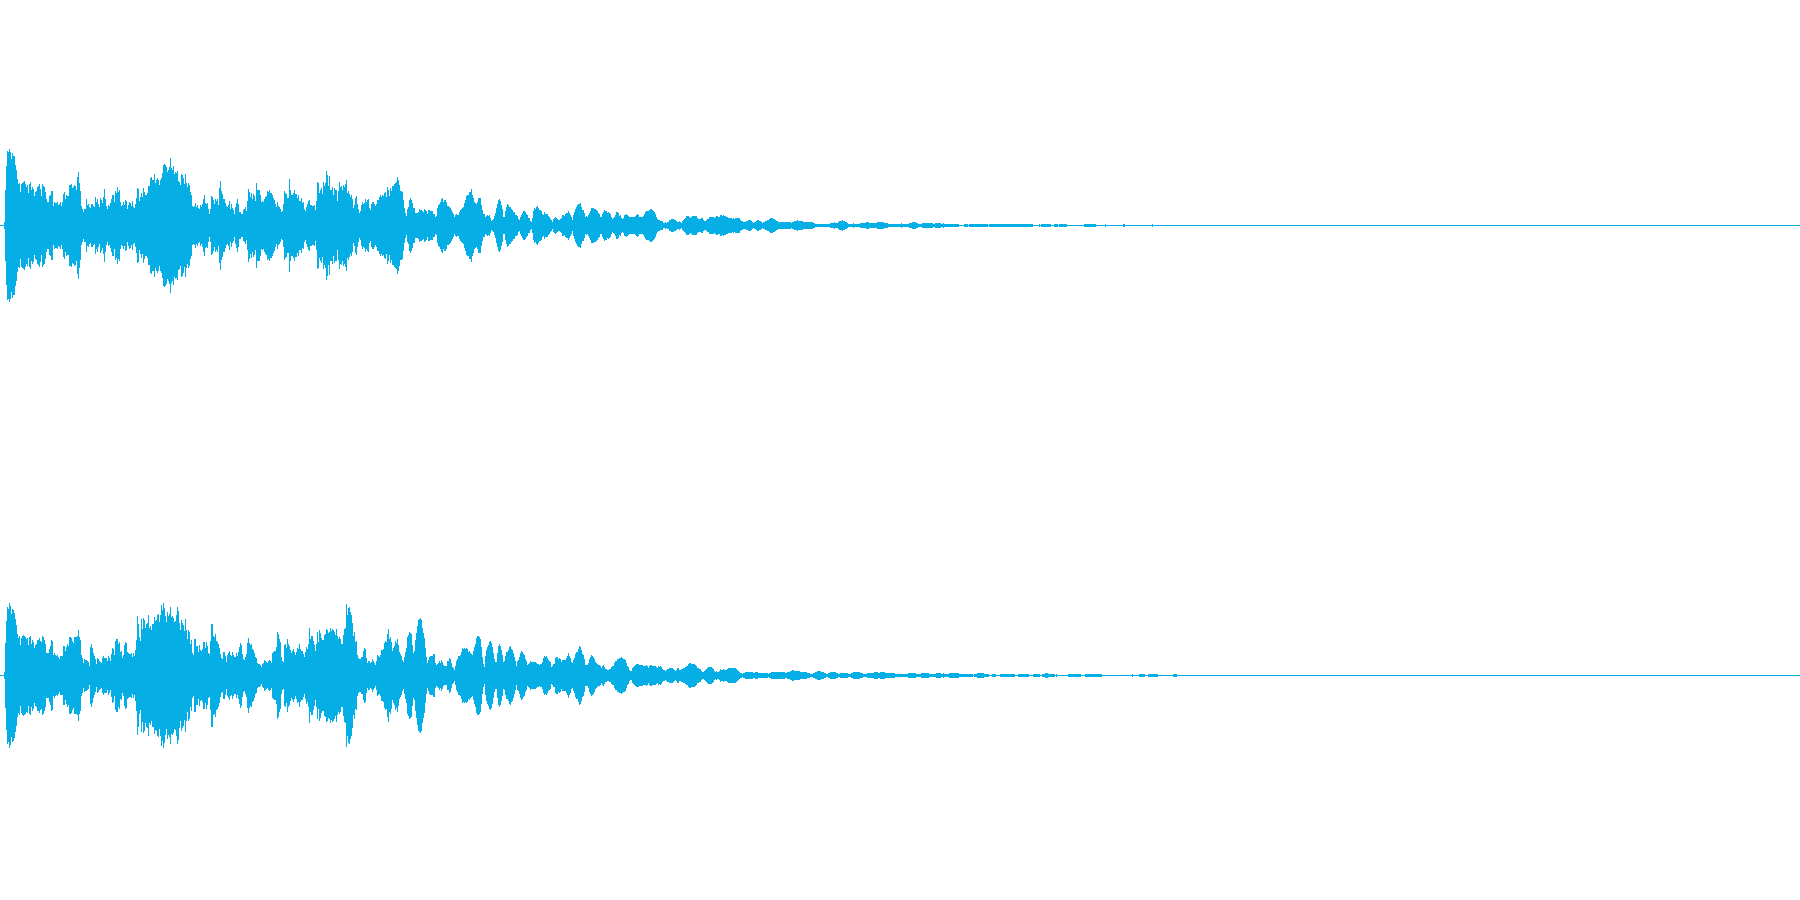 【サイバー02-1】の再生済みの波形